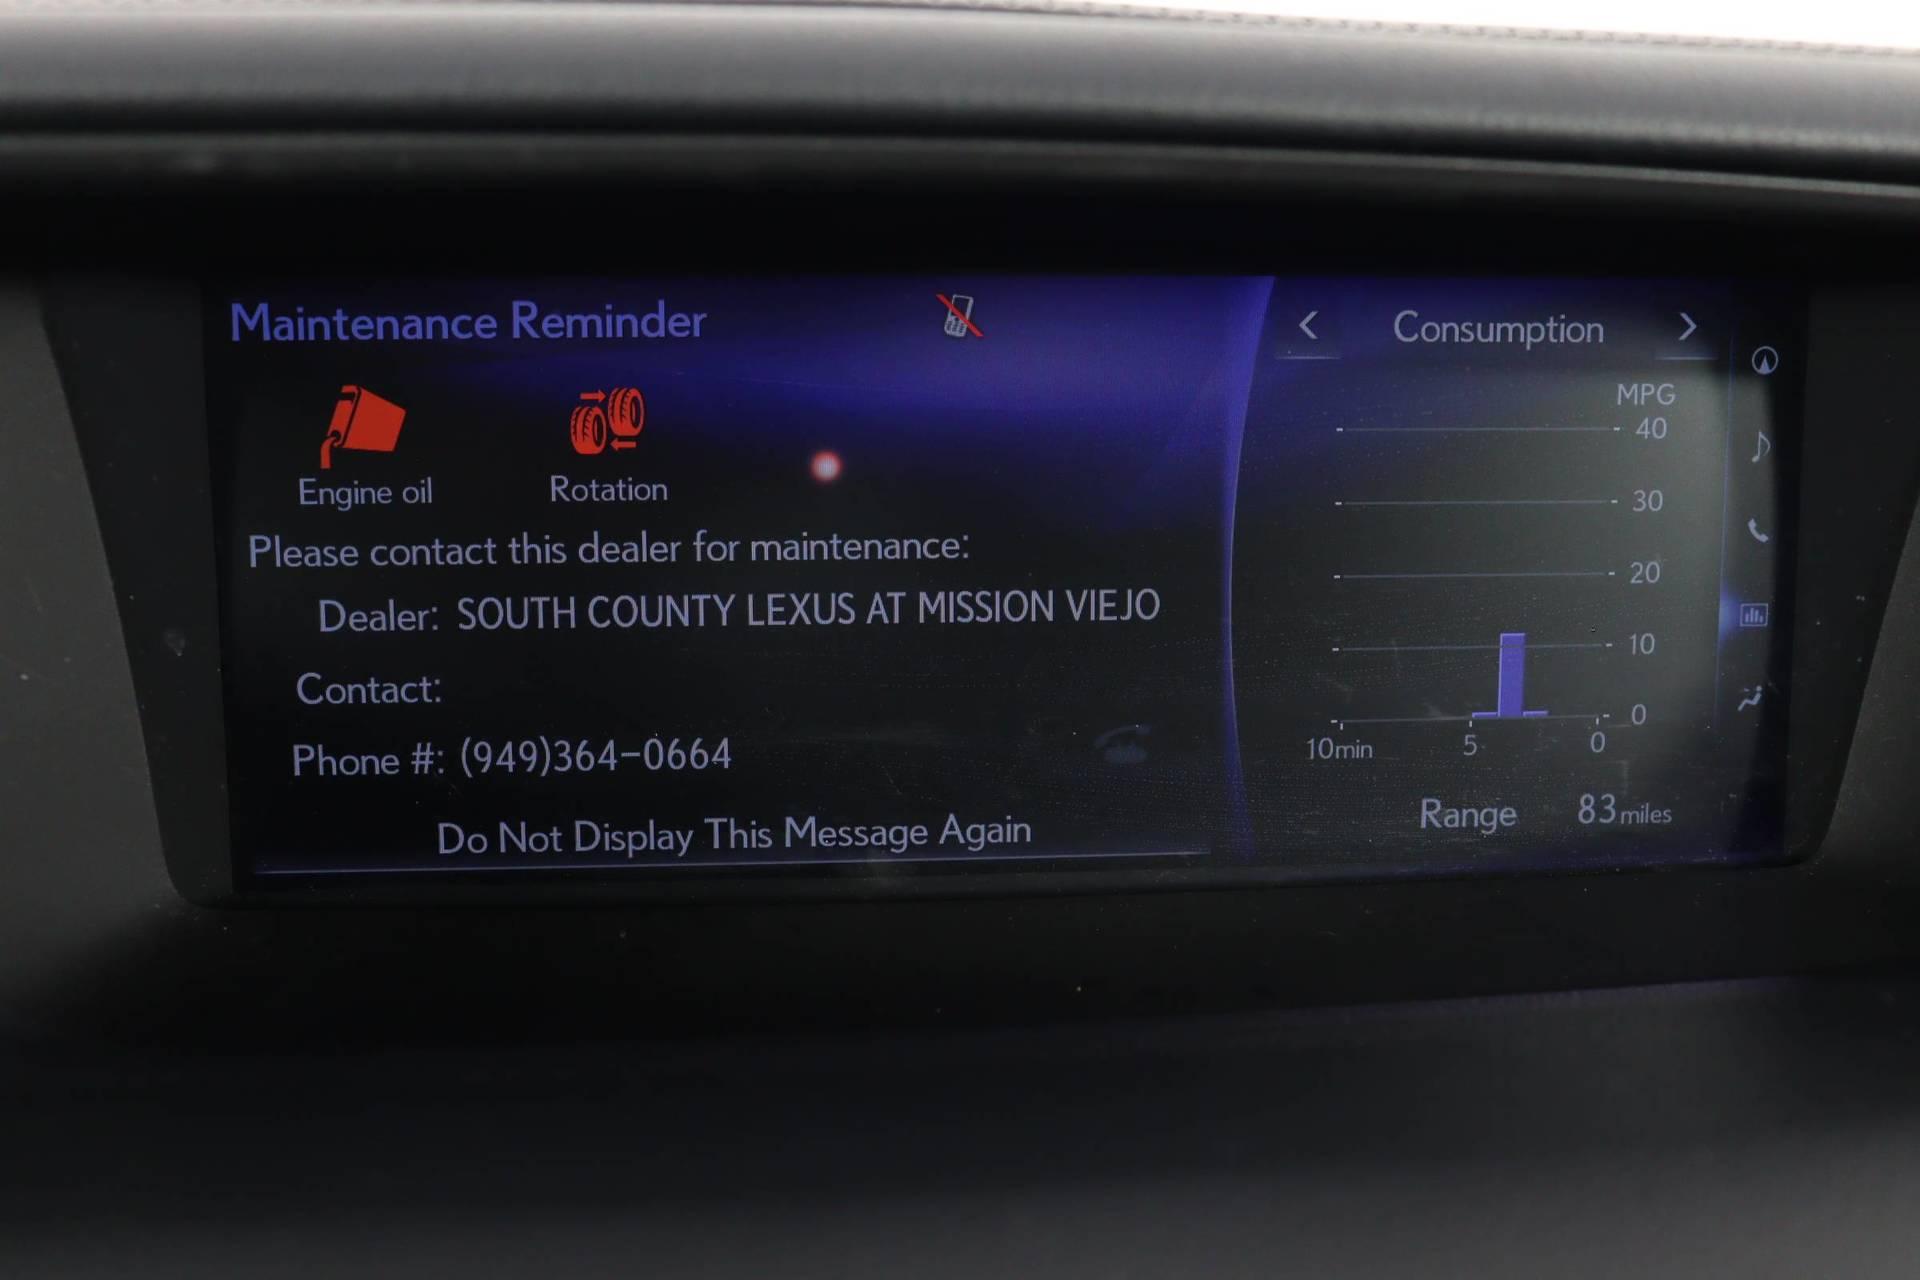 used vehicle - Sedan LEXUS GS 2018